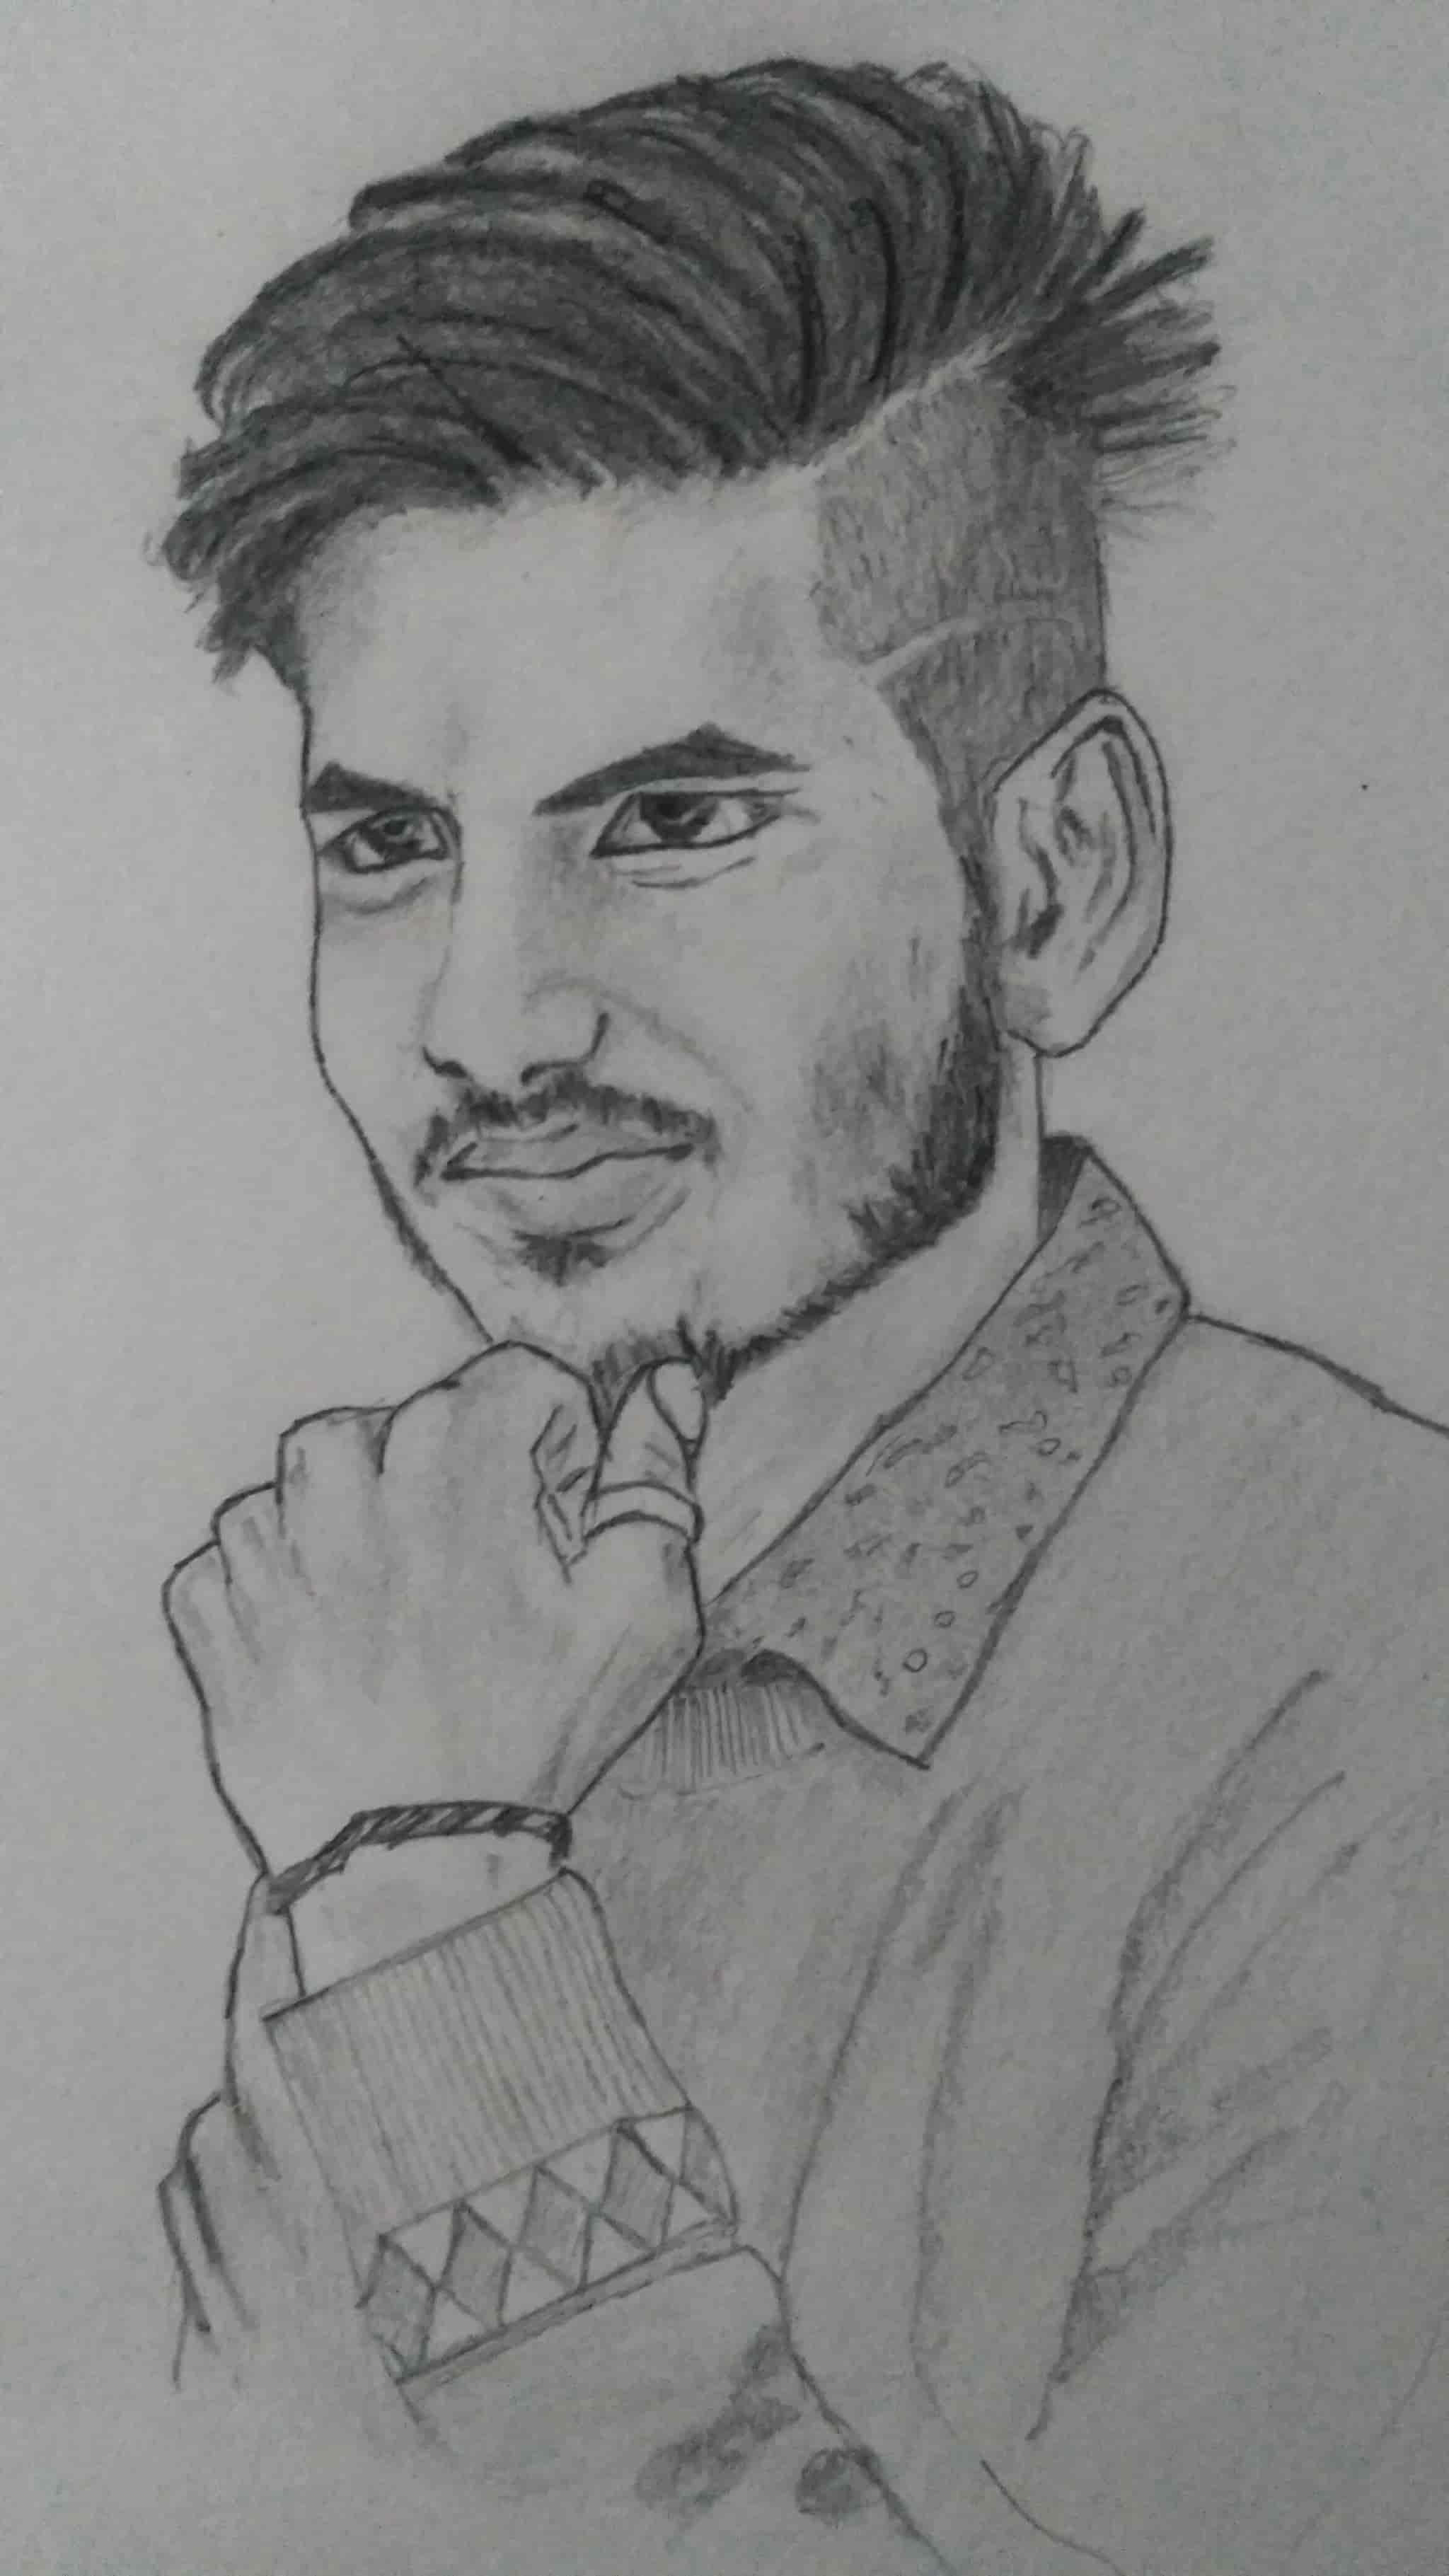 Sketch sketch arts studio photos ashok vihar 3 delhi nift tutorials